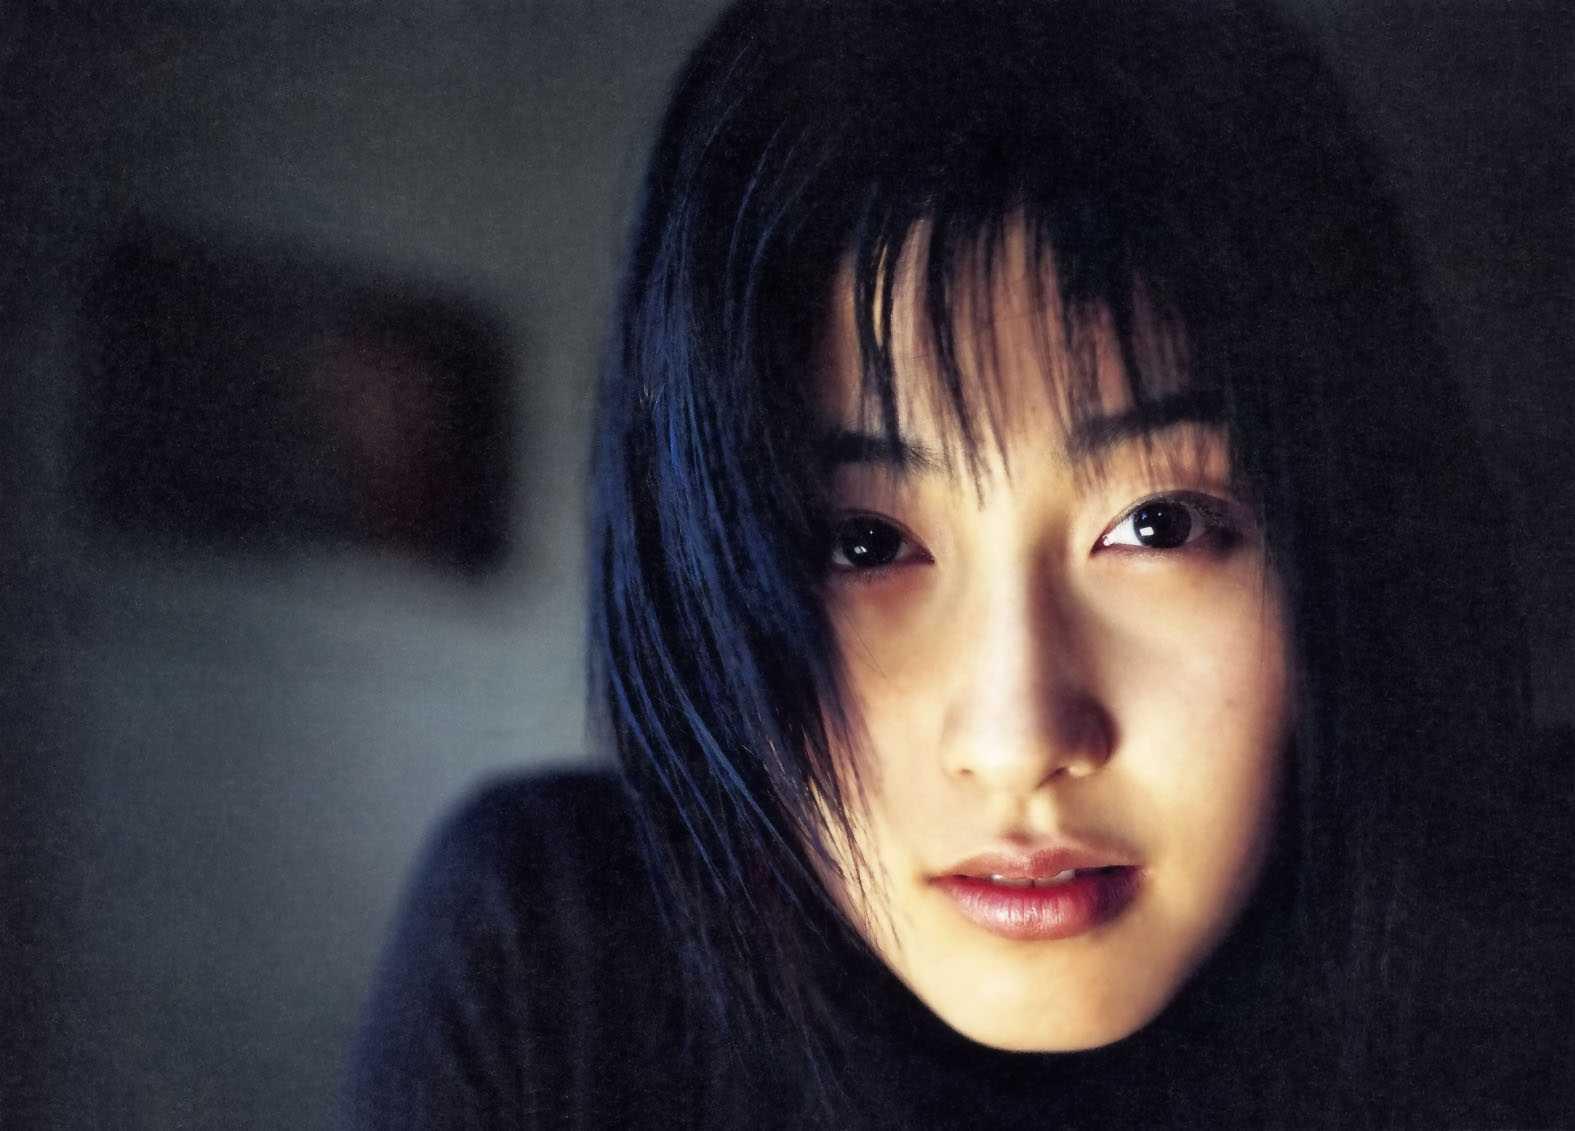 佐藤寛子 (タレント)の画像 p1_30